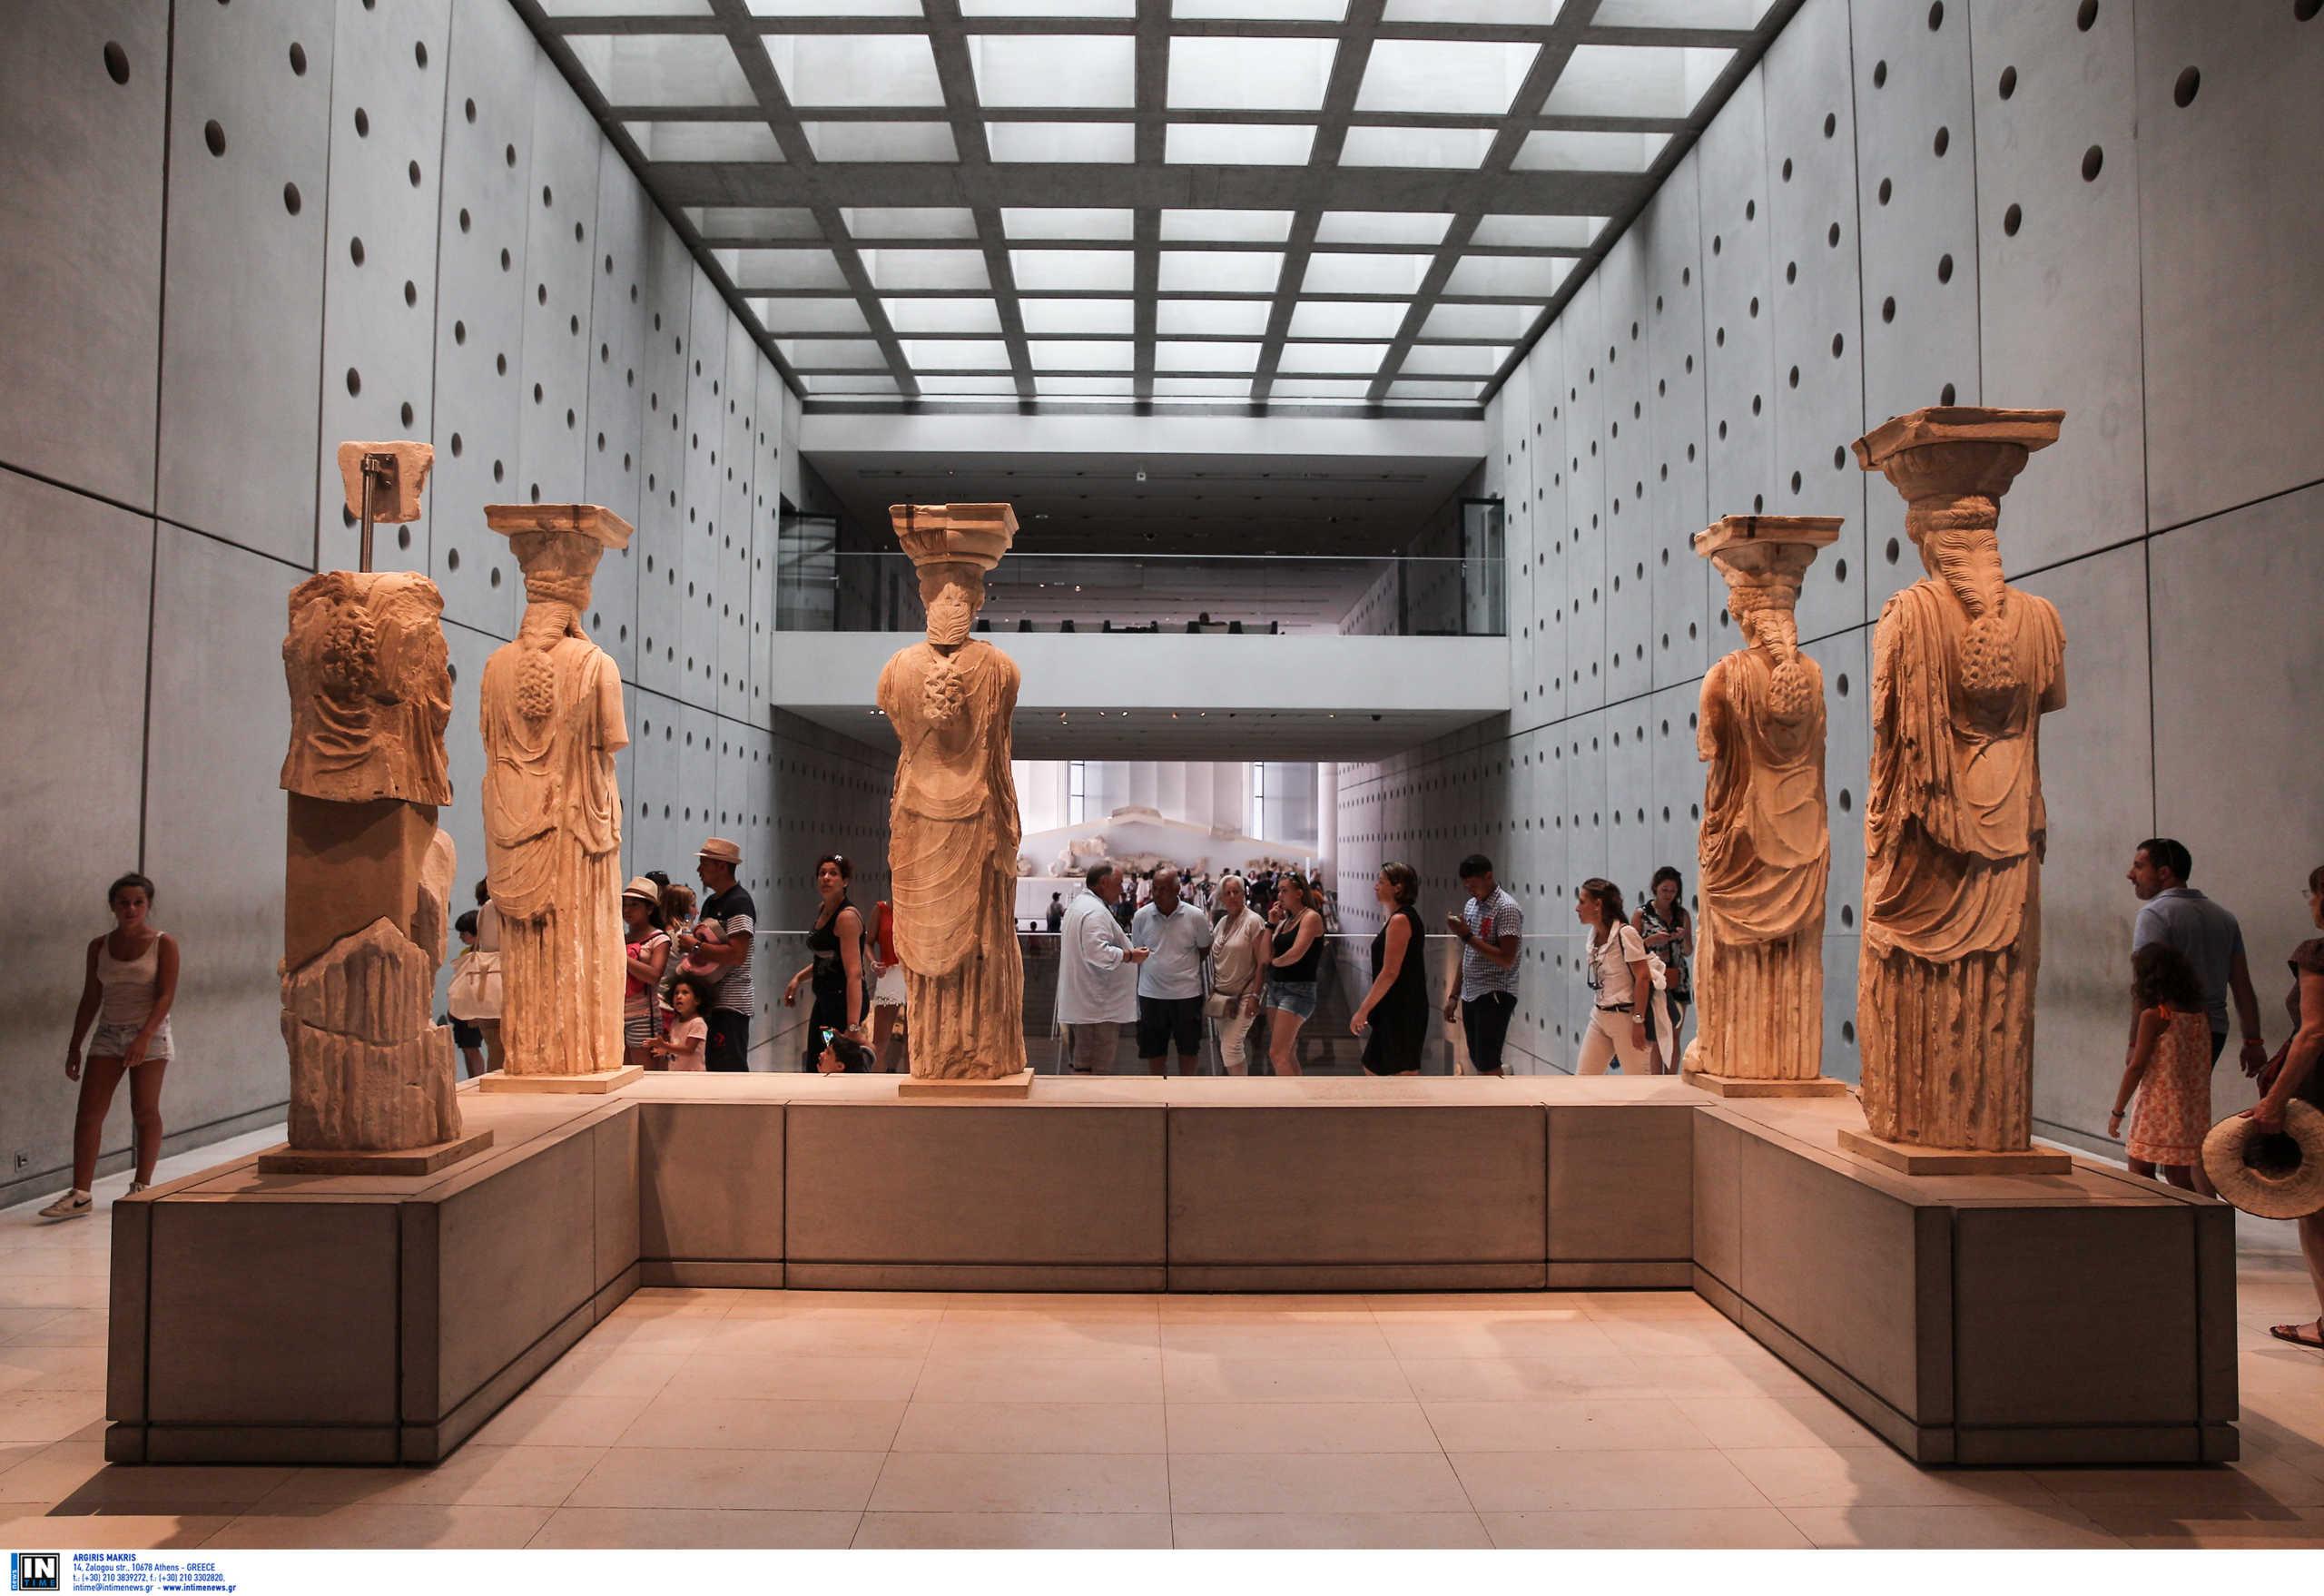 Δωρεάν WiFi σε 25 αρχαιολογικούς χώρους και μουσεία – Αναλυτικός πίνακας